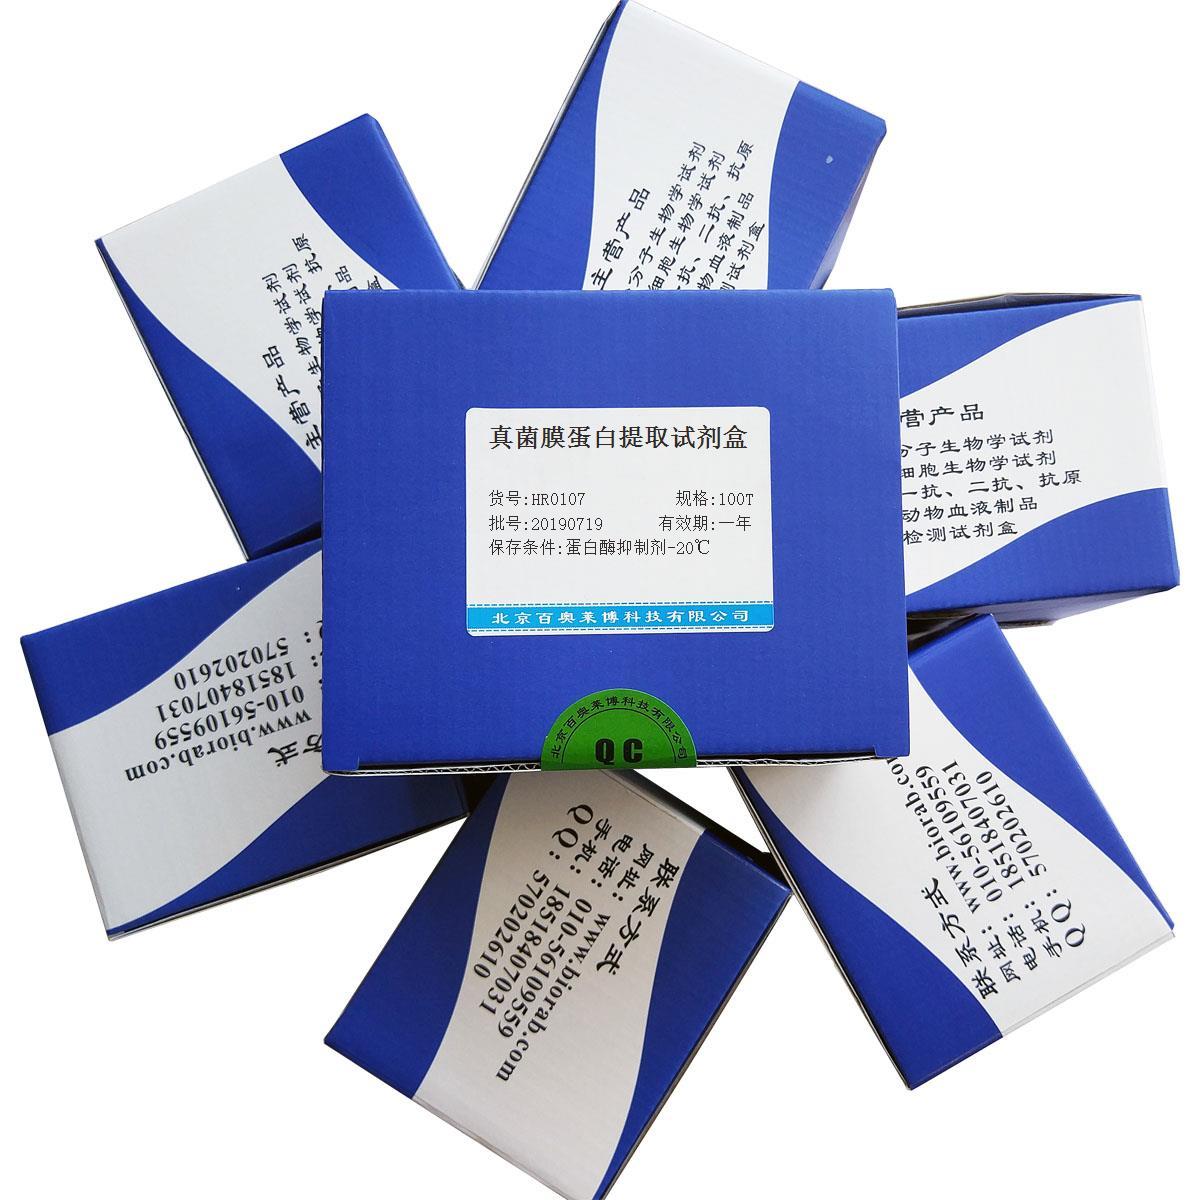 真菌膜蛋白提取试剂盒价格